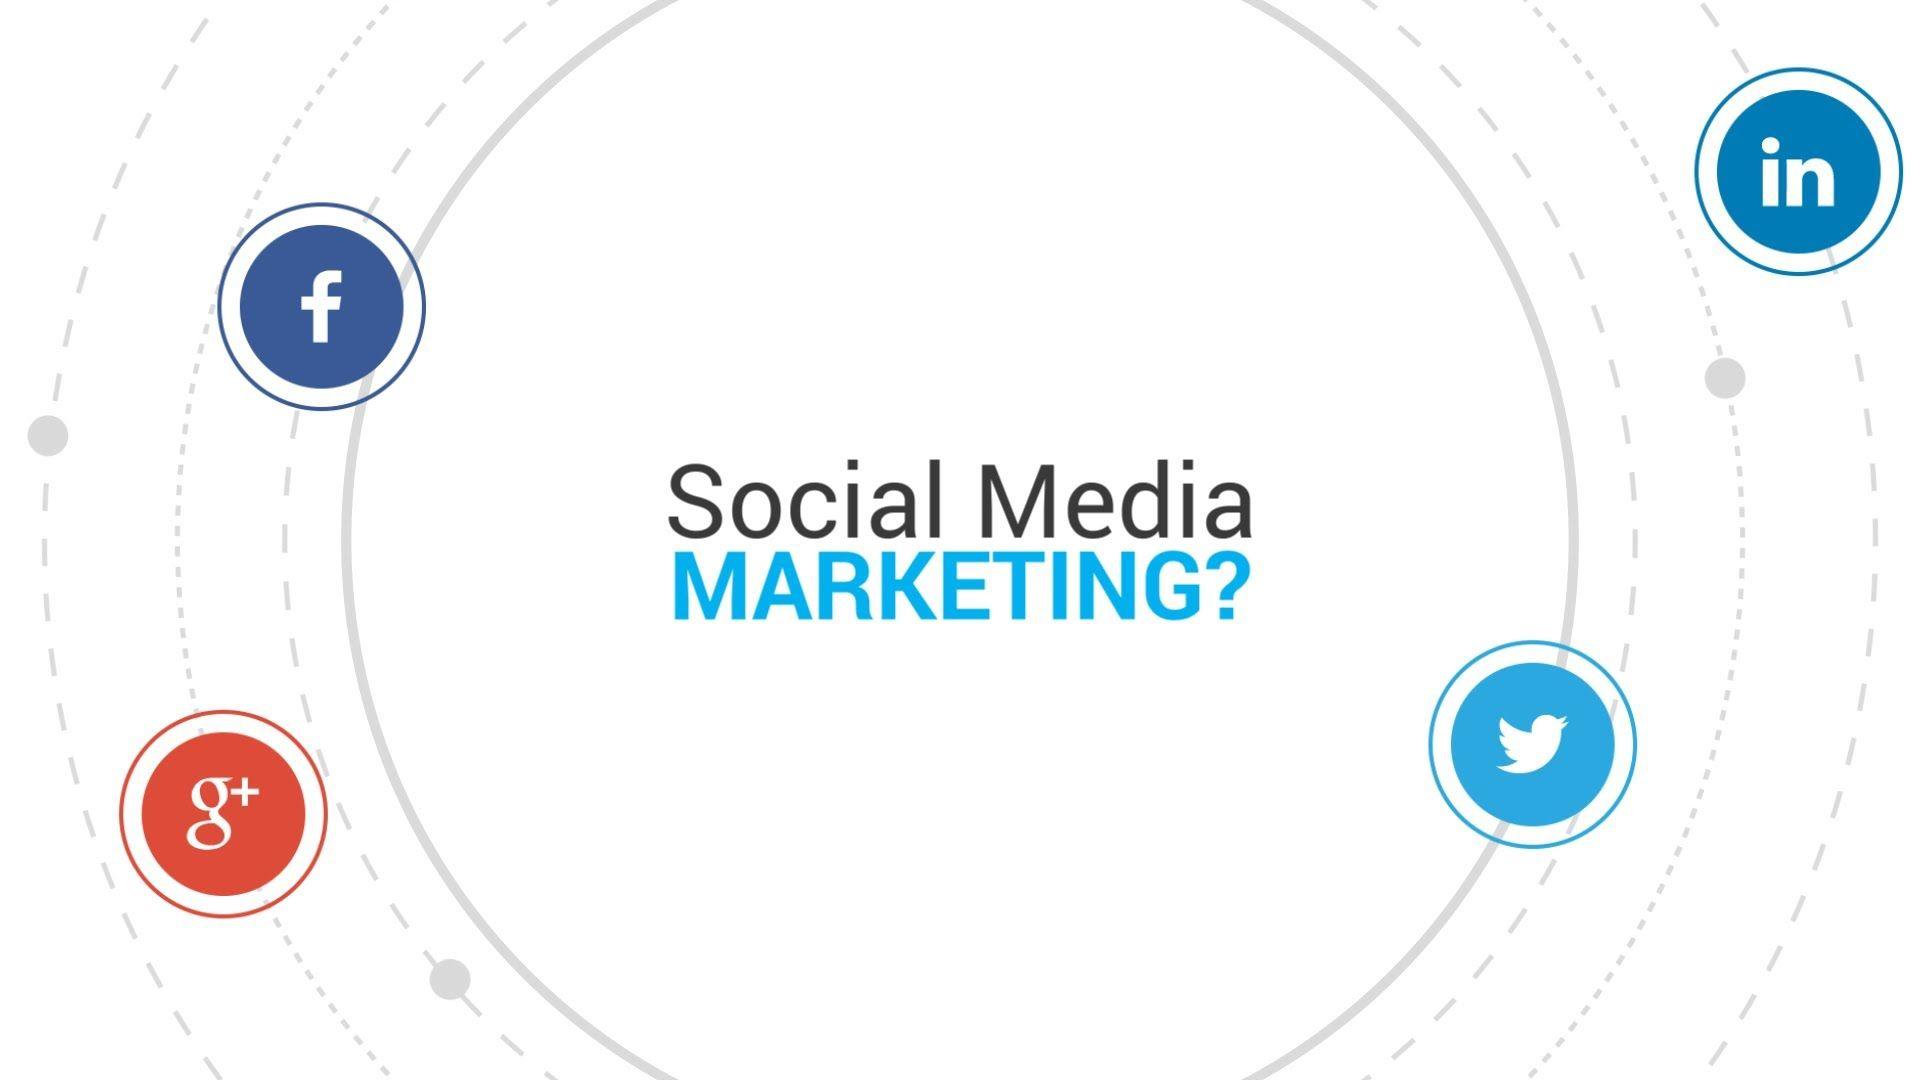 A Influência da mídia social vem impactando cada dia mais o modo como nos comunicamos, como interagimos com os outros, a nossa forma de consumo, nossos serviços e nossos negócios.  As plataformas disponíveis são muitas, mas identificar, compreender e trabalhar com as mais adequadas para o seu negócio é particularmente desafiador. Temos que entender todas as ferramentas de mídia social, suas plataformas e seu papel na comunicação com seu público.